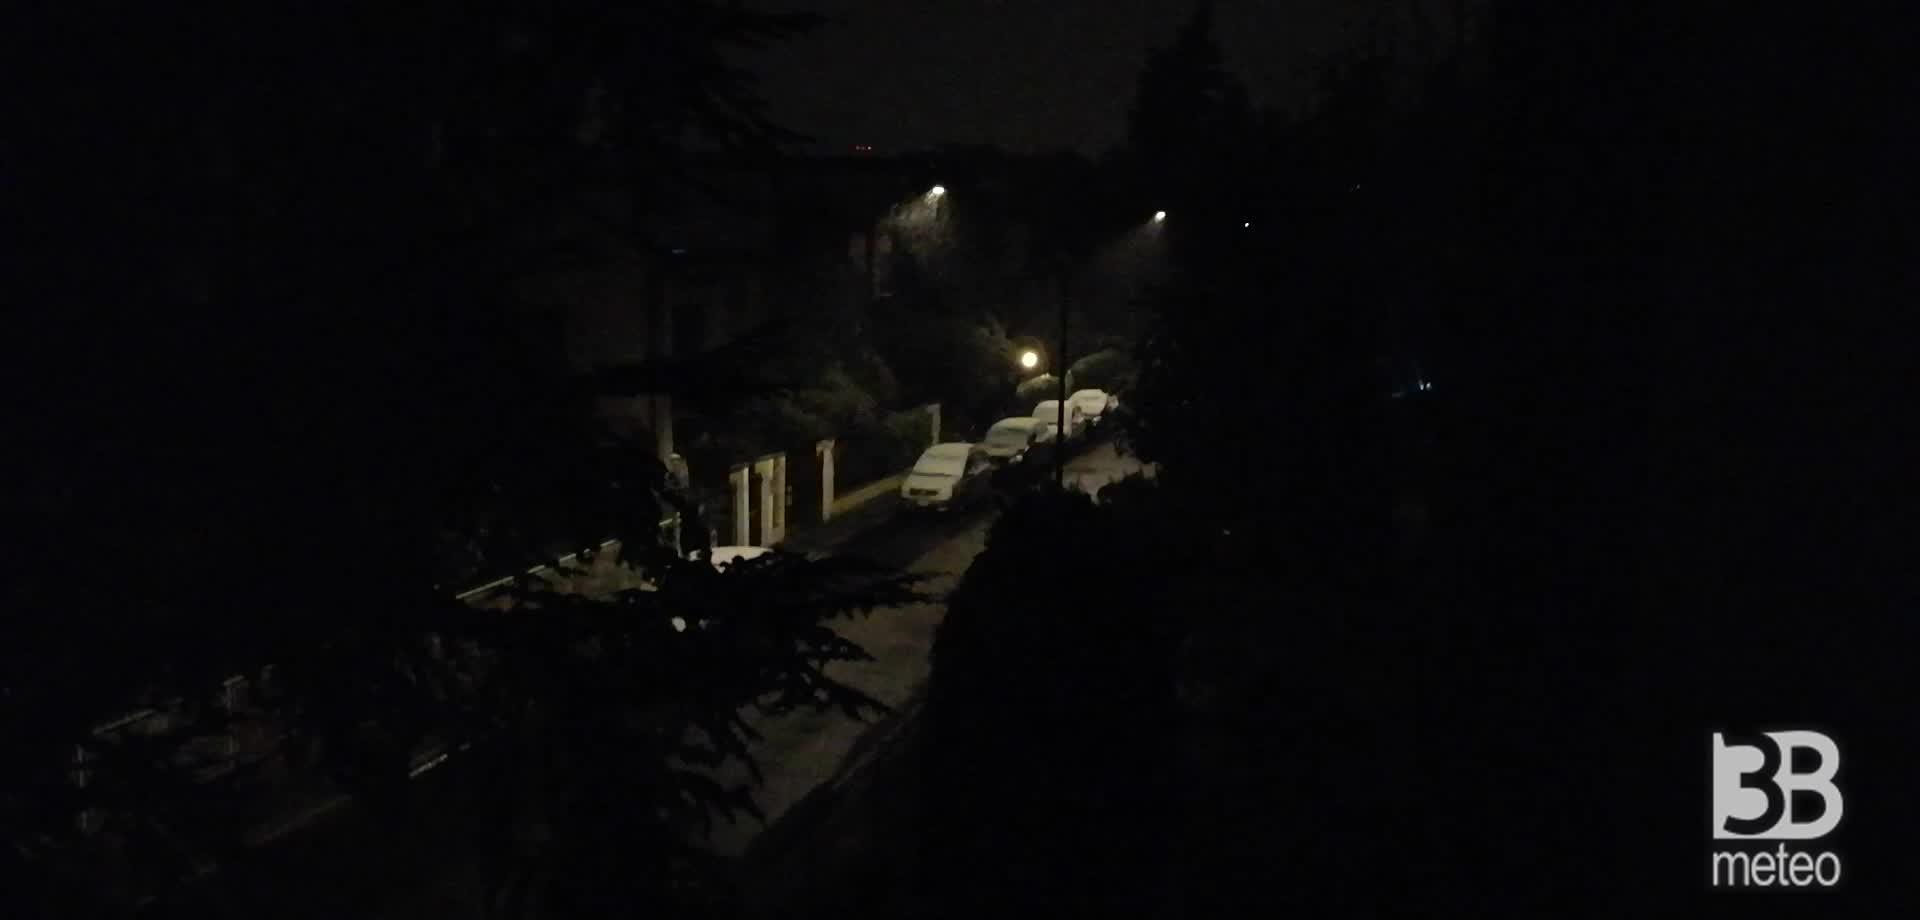 Cronaca meteo video: NEVE IN EMILIA ROMAGNA, la situazione Forlì